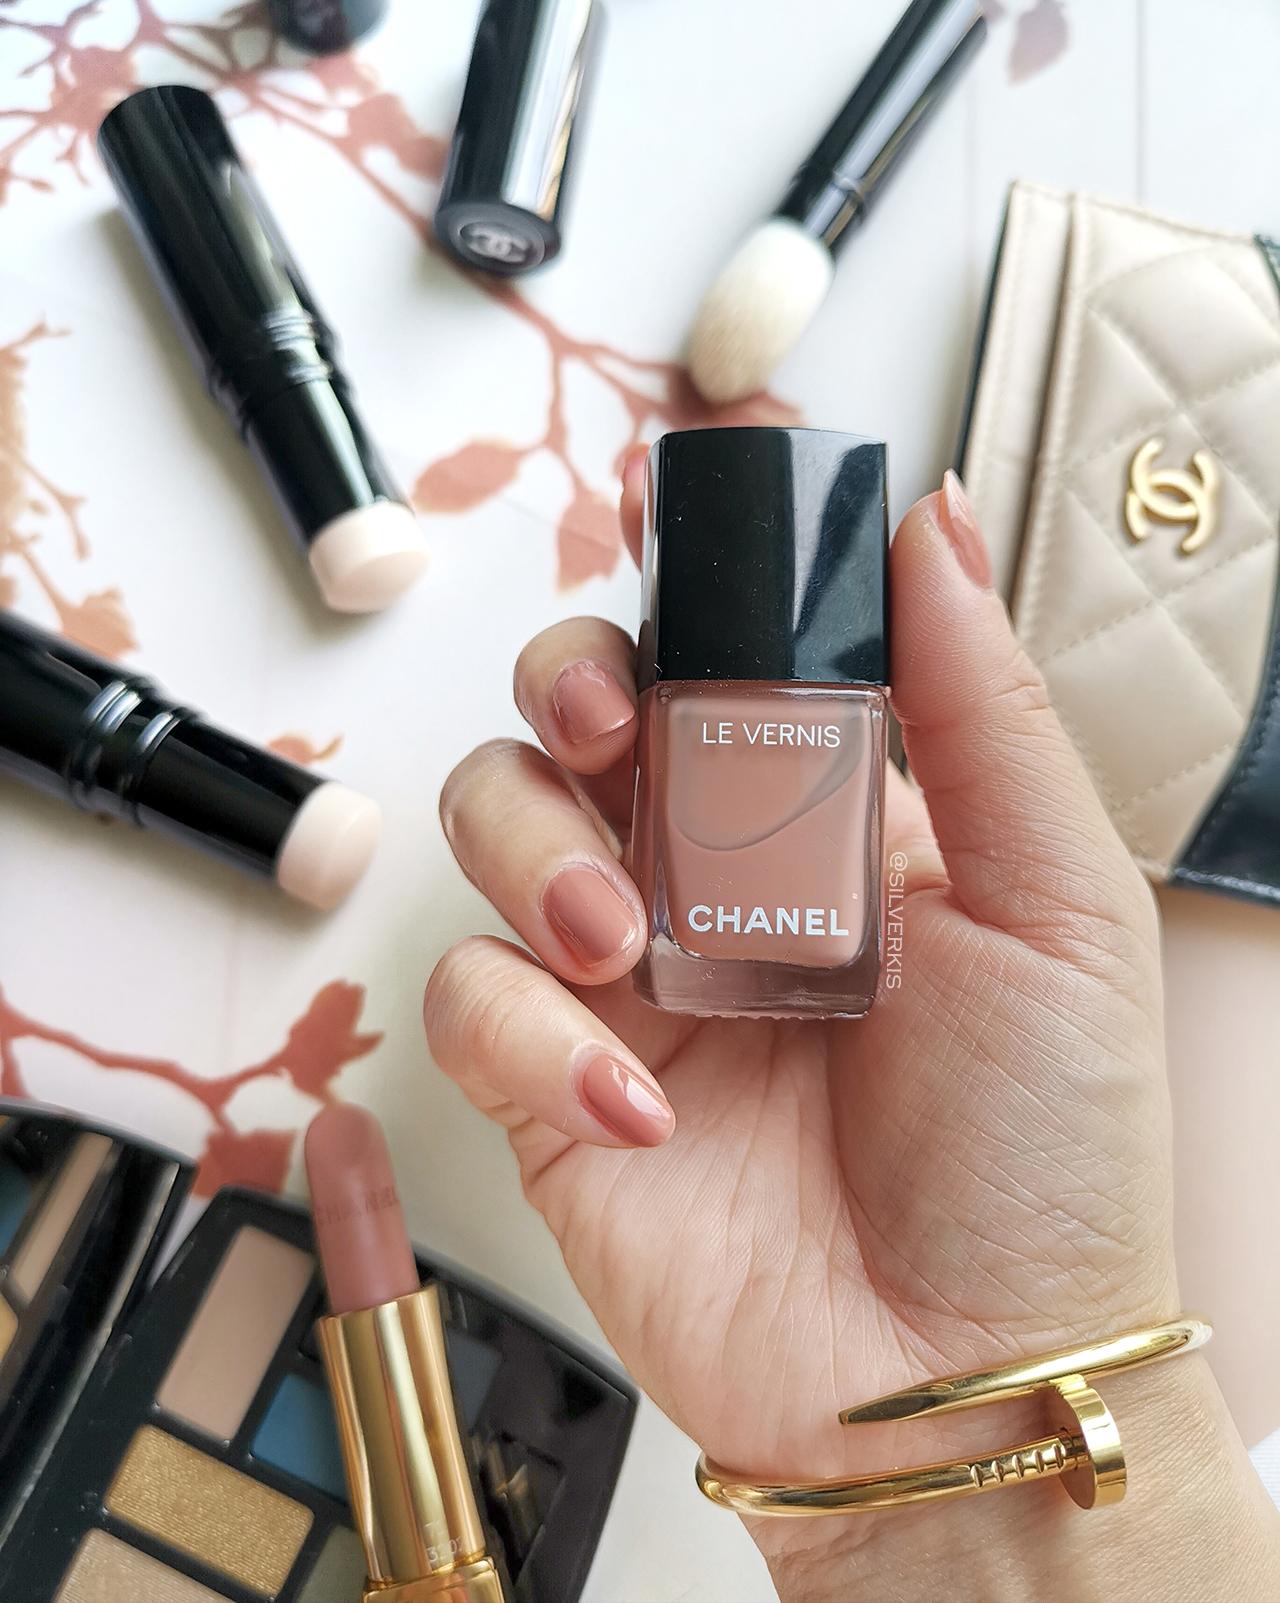 Chanel Le Vernis Bleached Mauve